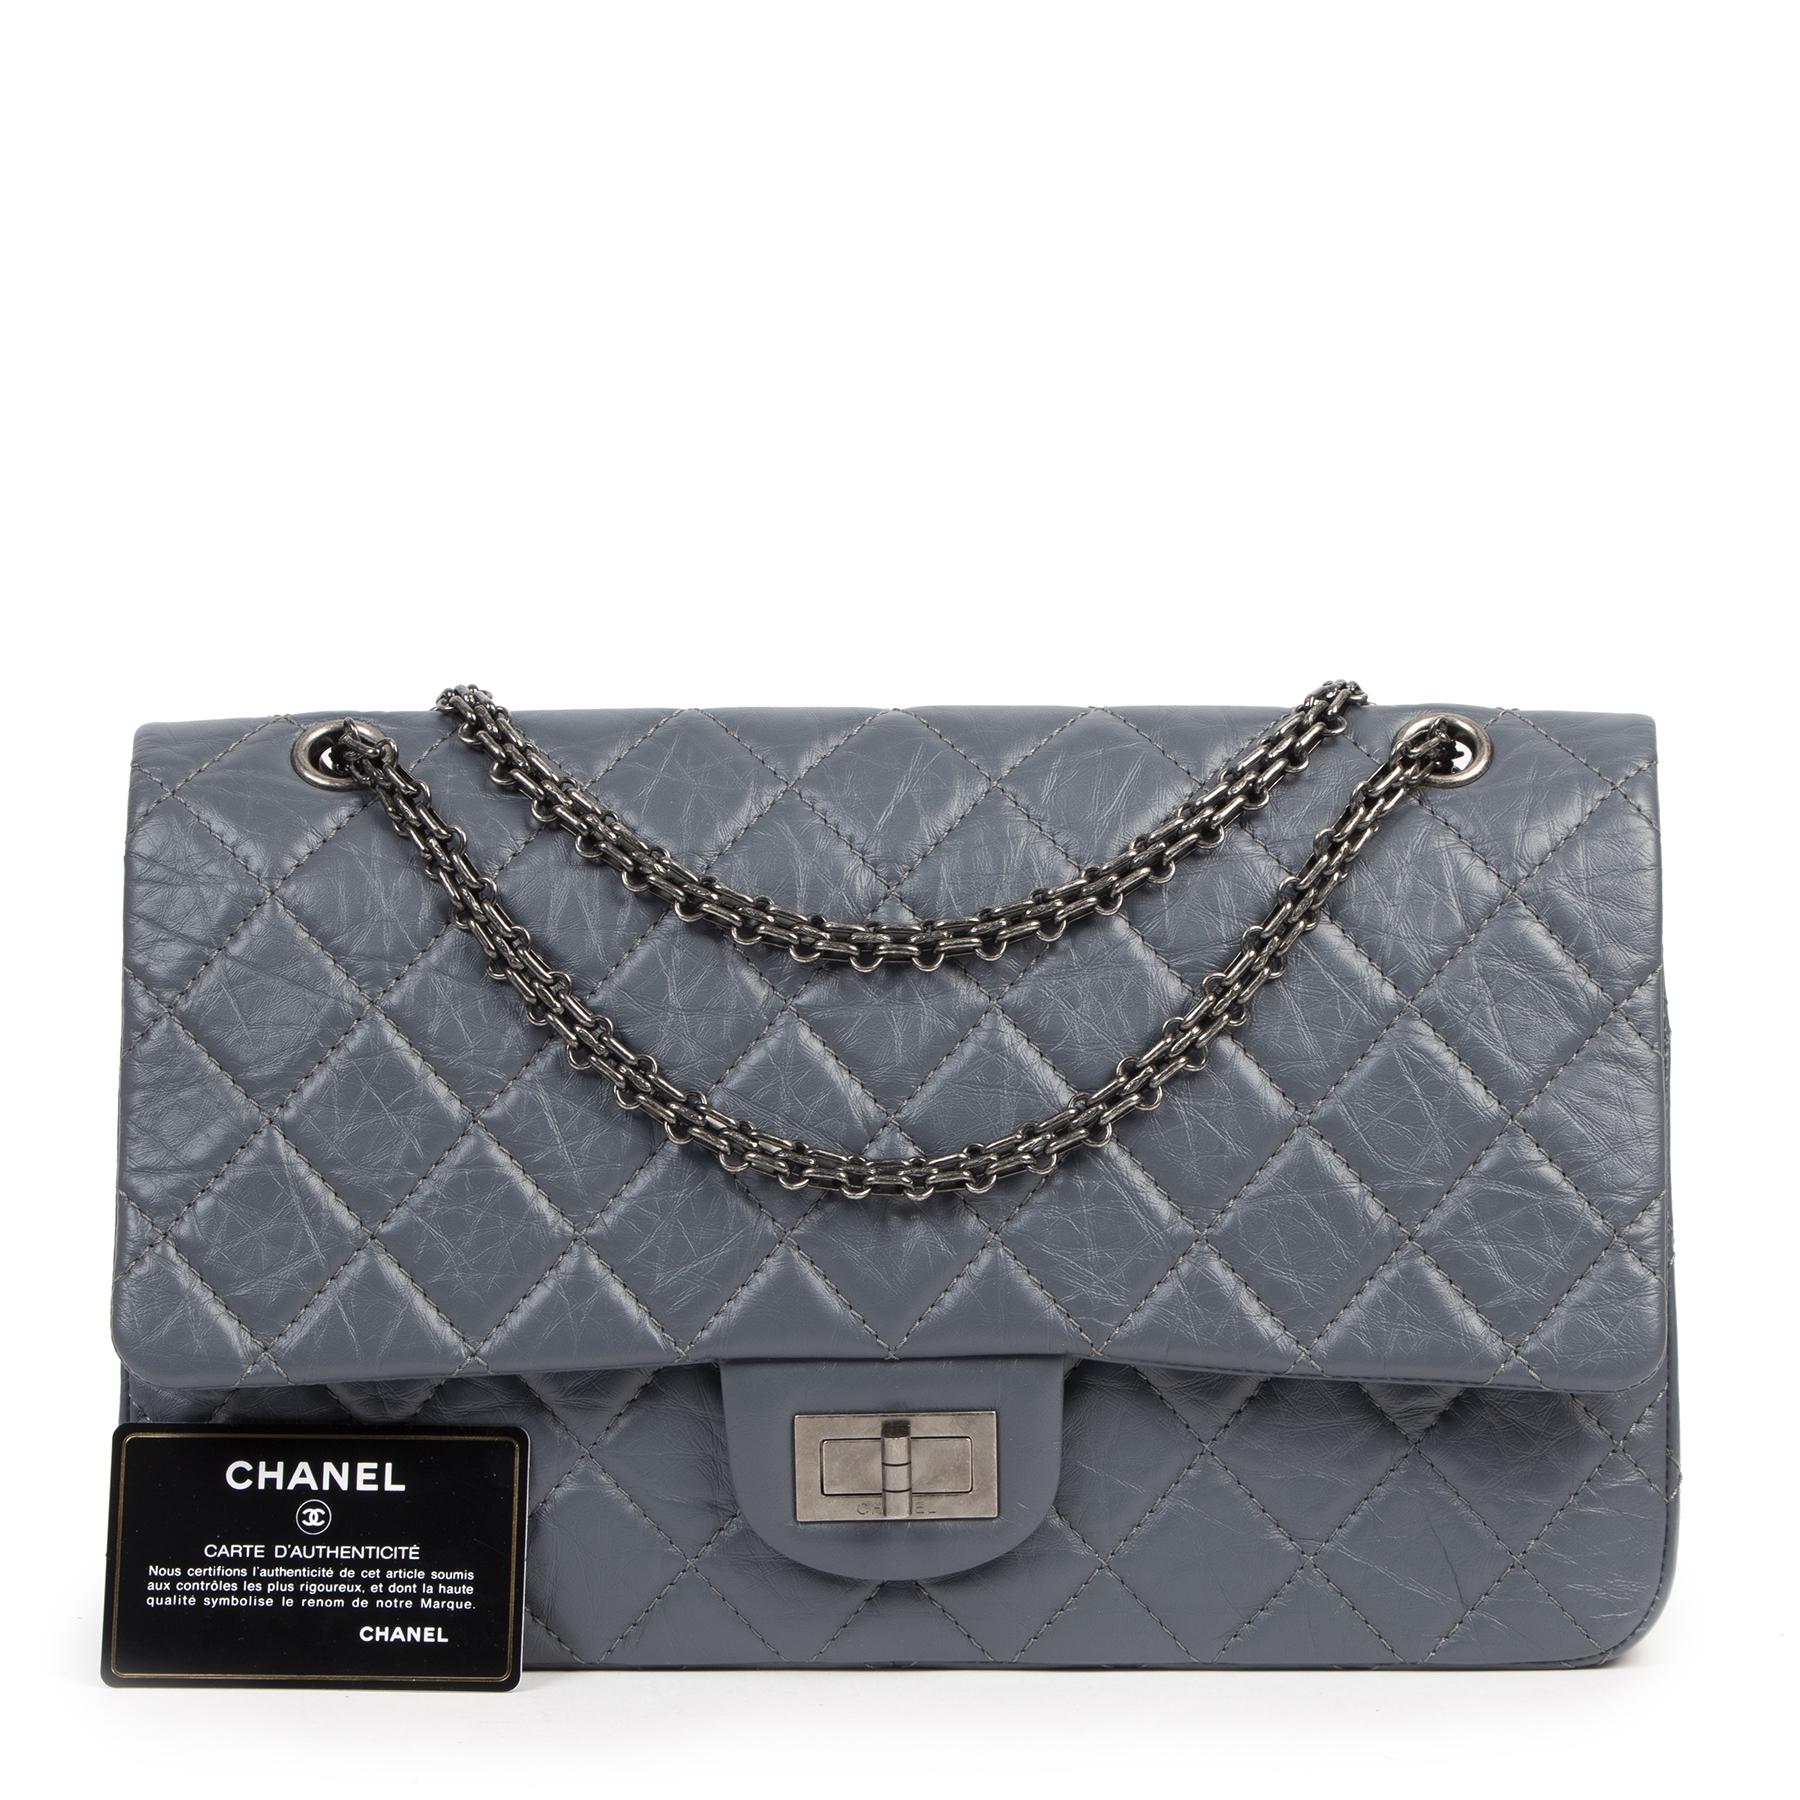 Authentieke Tweedehands Chanel Blueish/Grey Aged Calfskin 2.55 Reissue 227 Flapbag juiste prijs veilig online shoppen luxe merken webshop winkelen Antwerpen België mode fashion